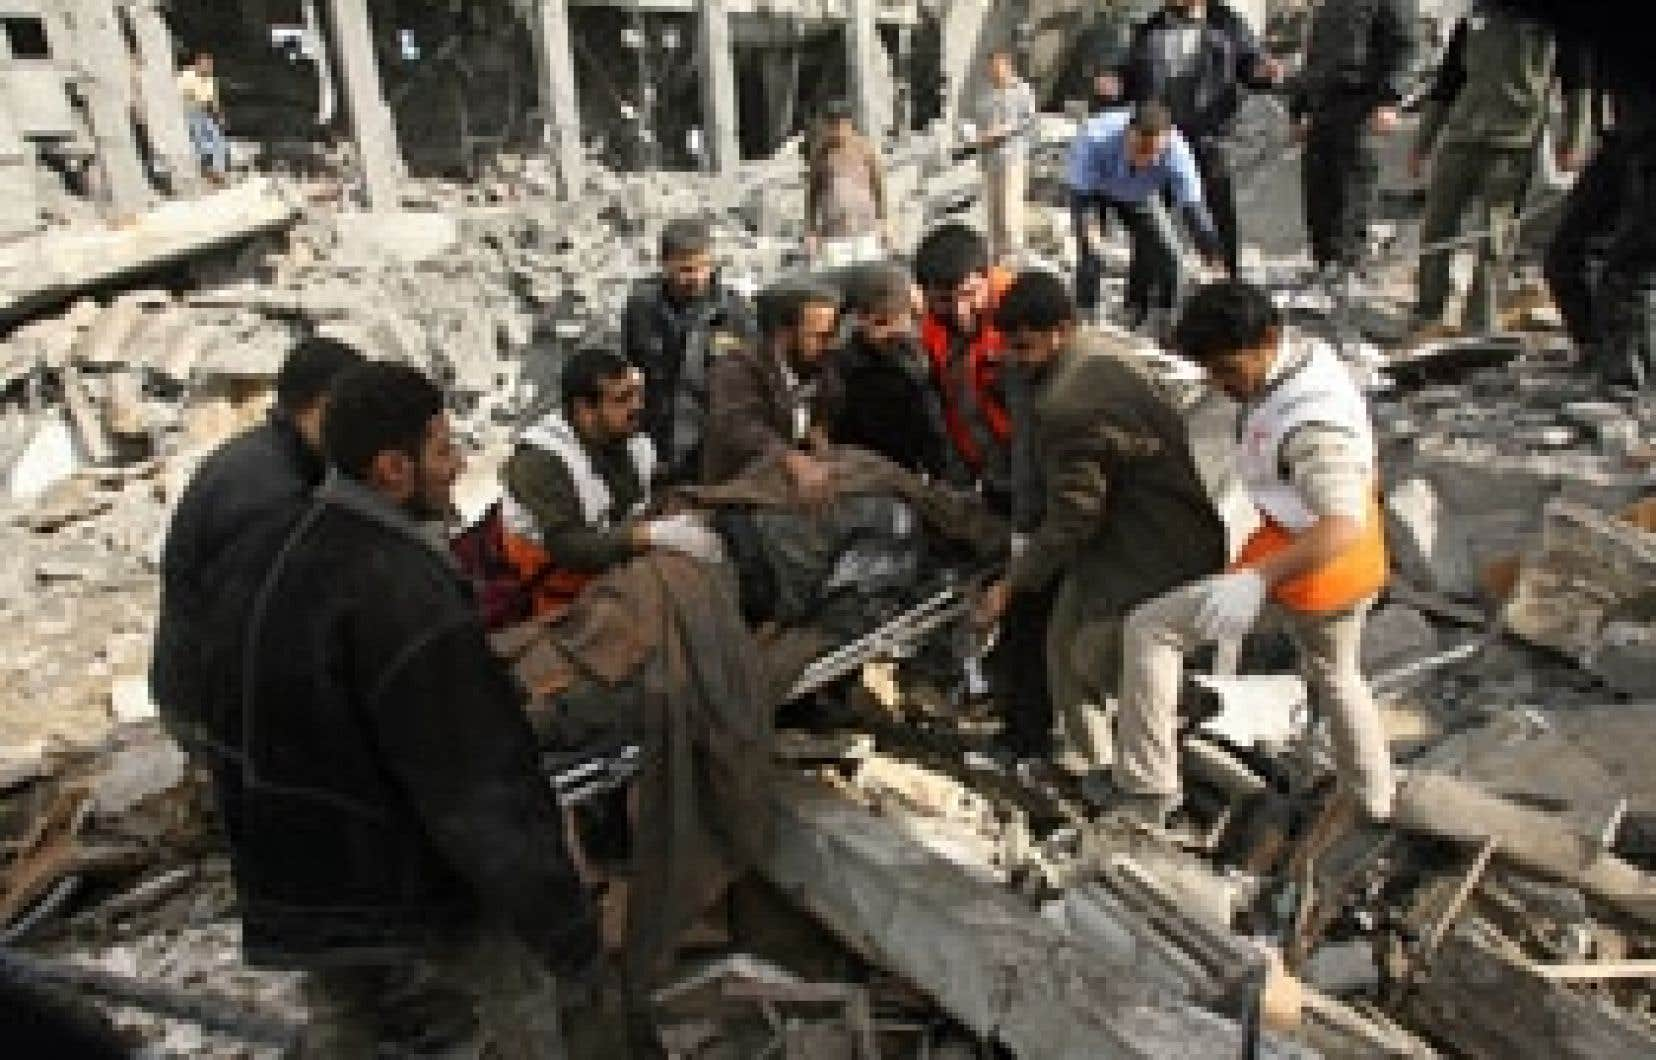 Après le choc, les Palestiniens pleurent aujourd'hui leurs morts.